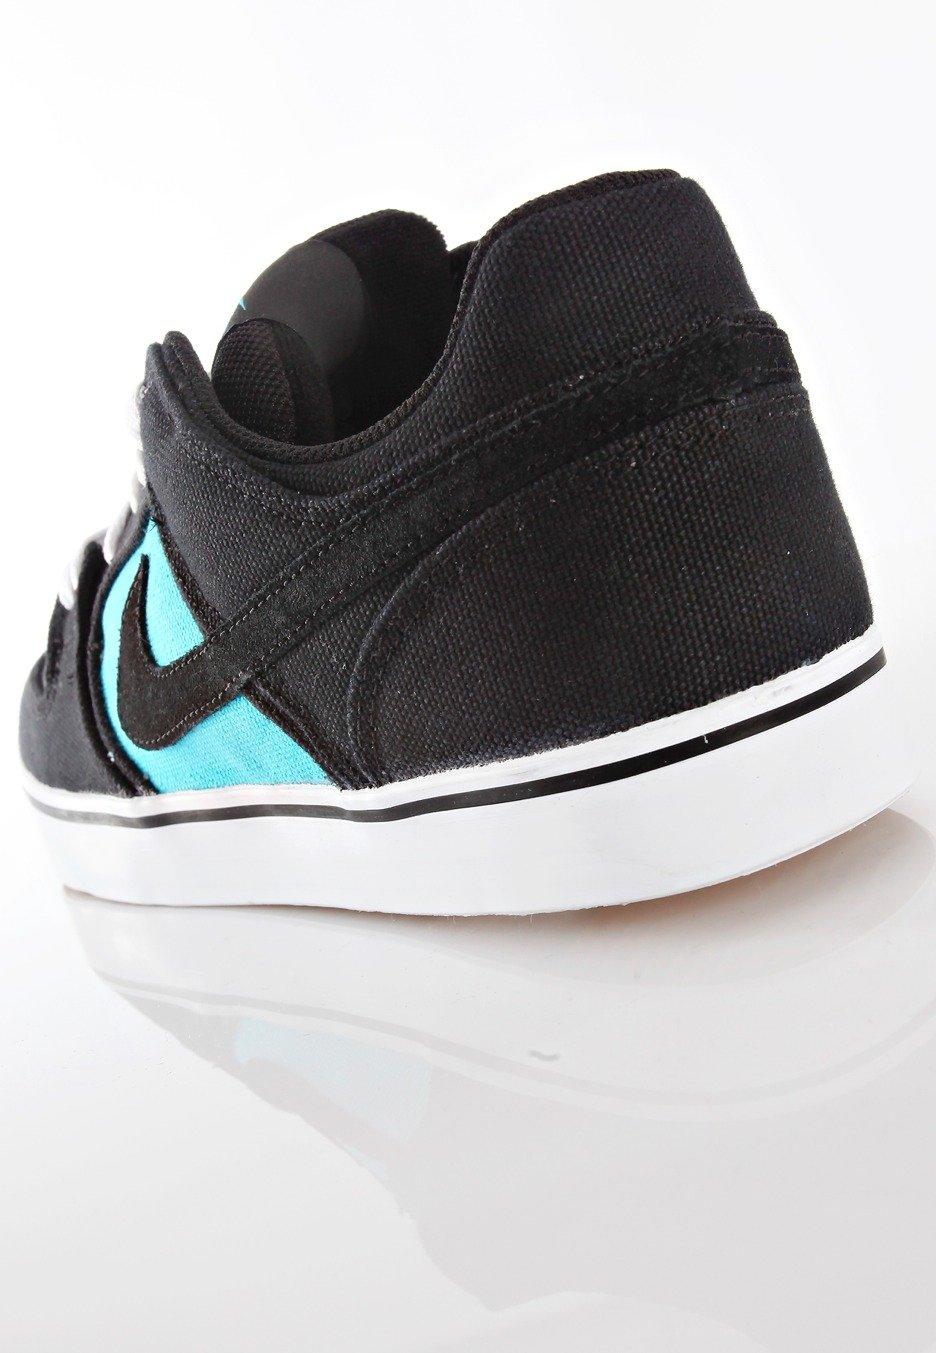 buy online 57eeb 58513 nike meleecanvas shoes detail1 lg.jpg